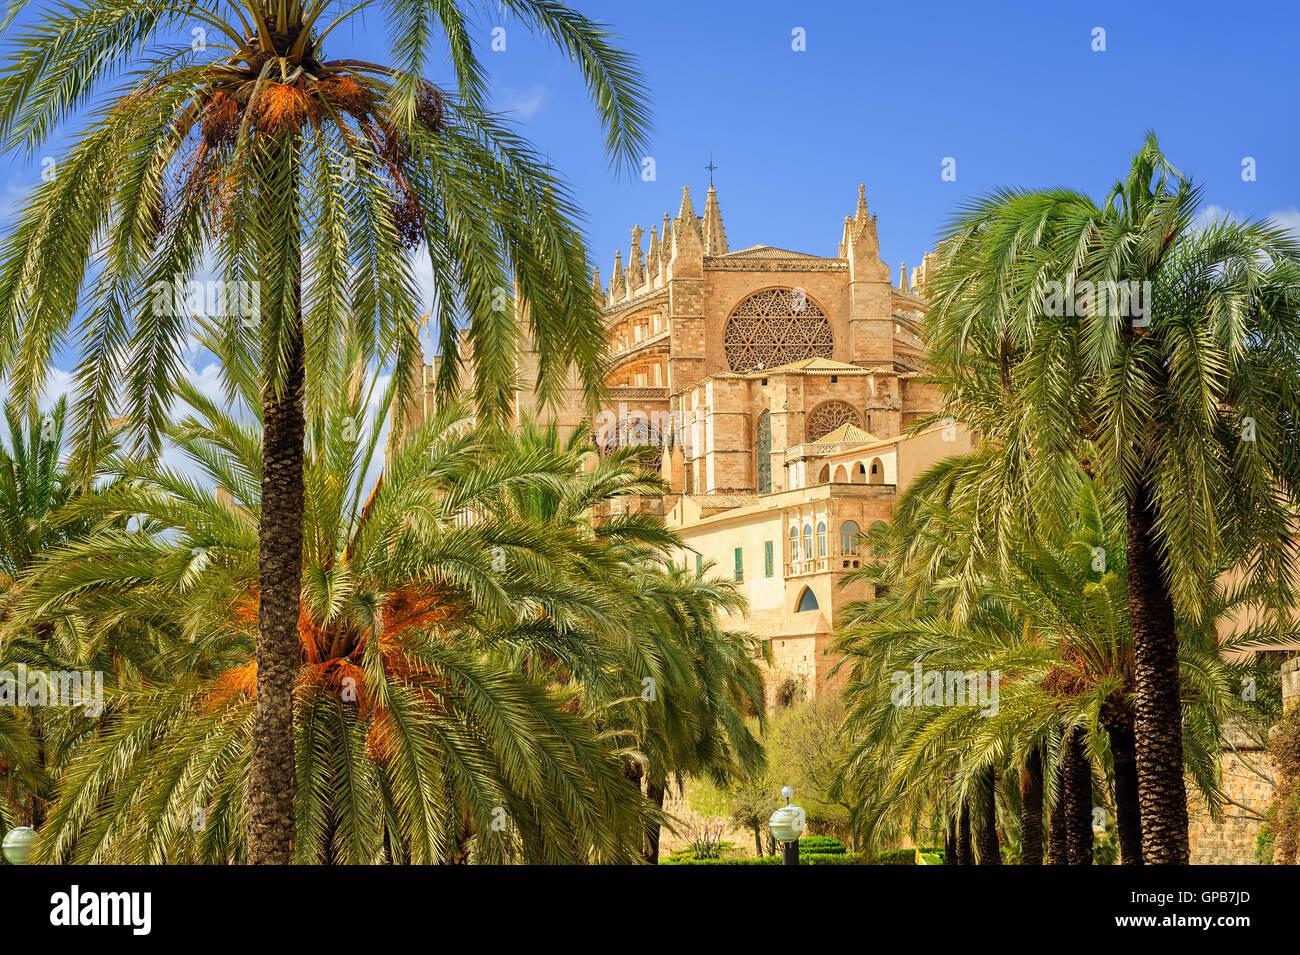 La Seu, die mittelalterliche gotische Kathedrale von Palma De Mallorca, im Palmengarten, Spanien Stockbild